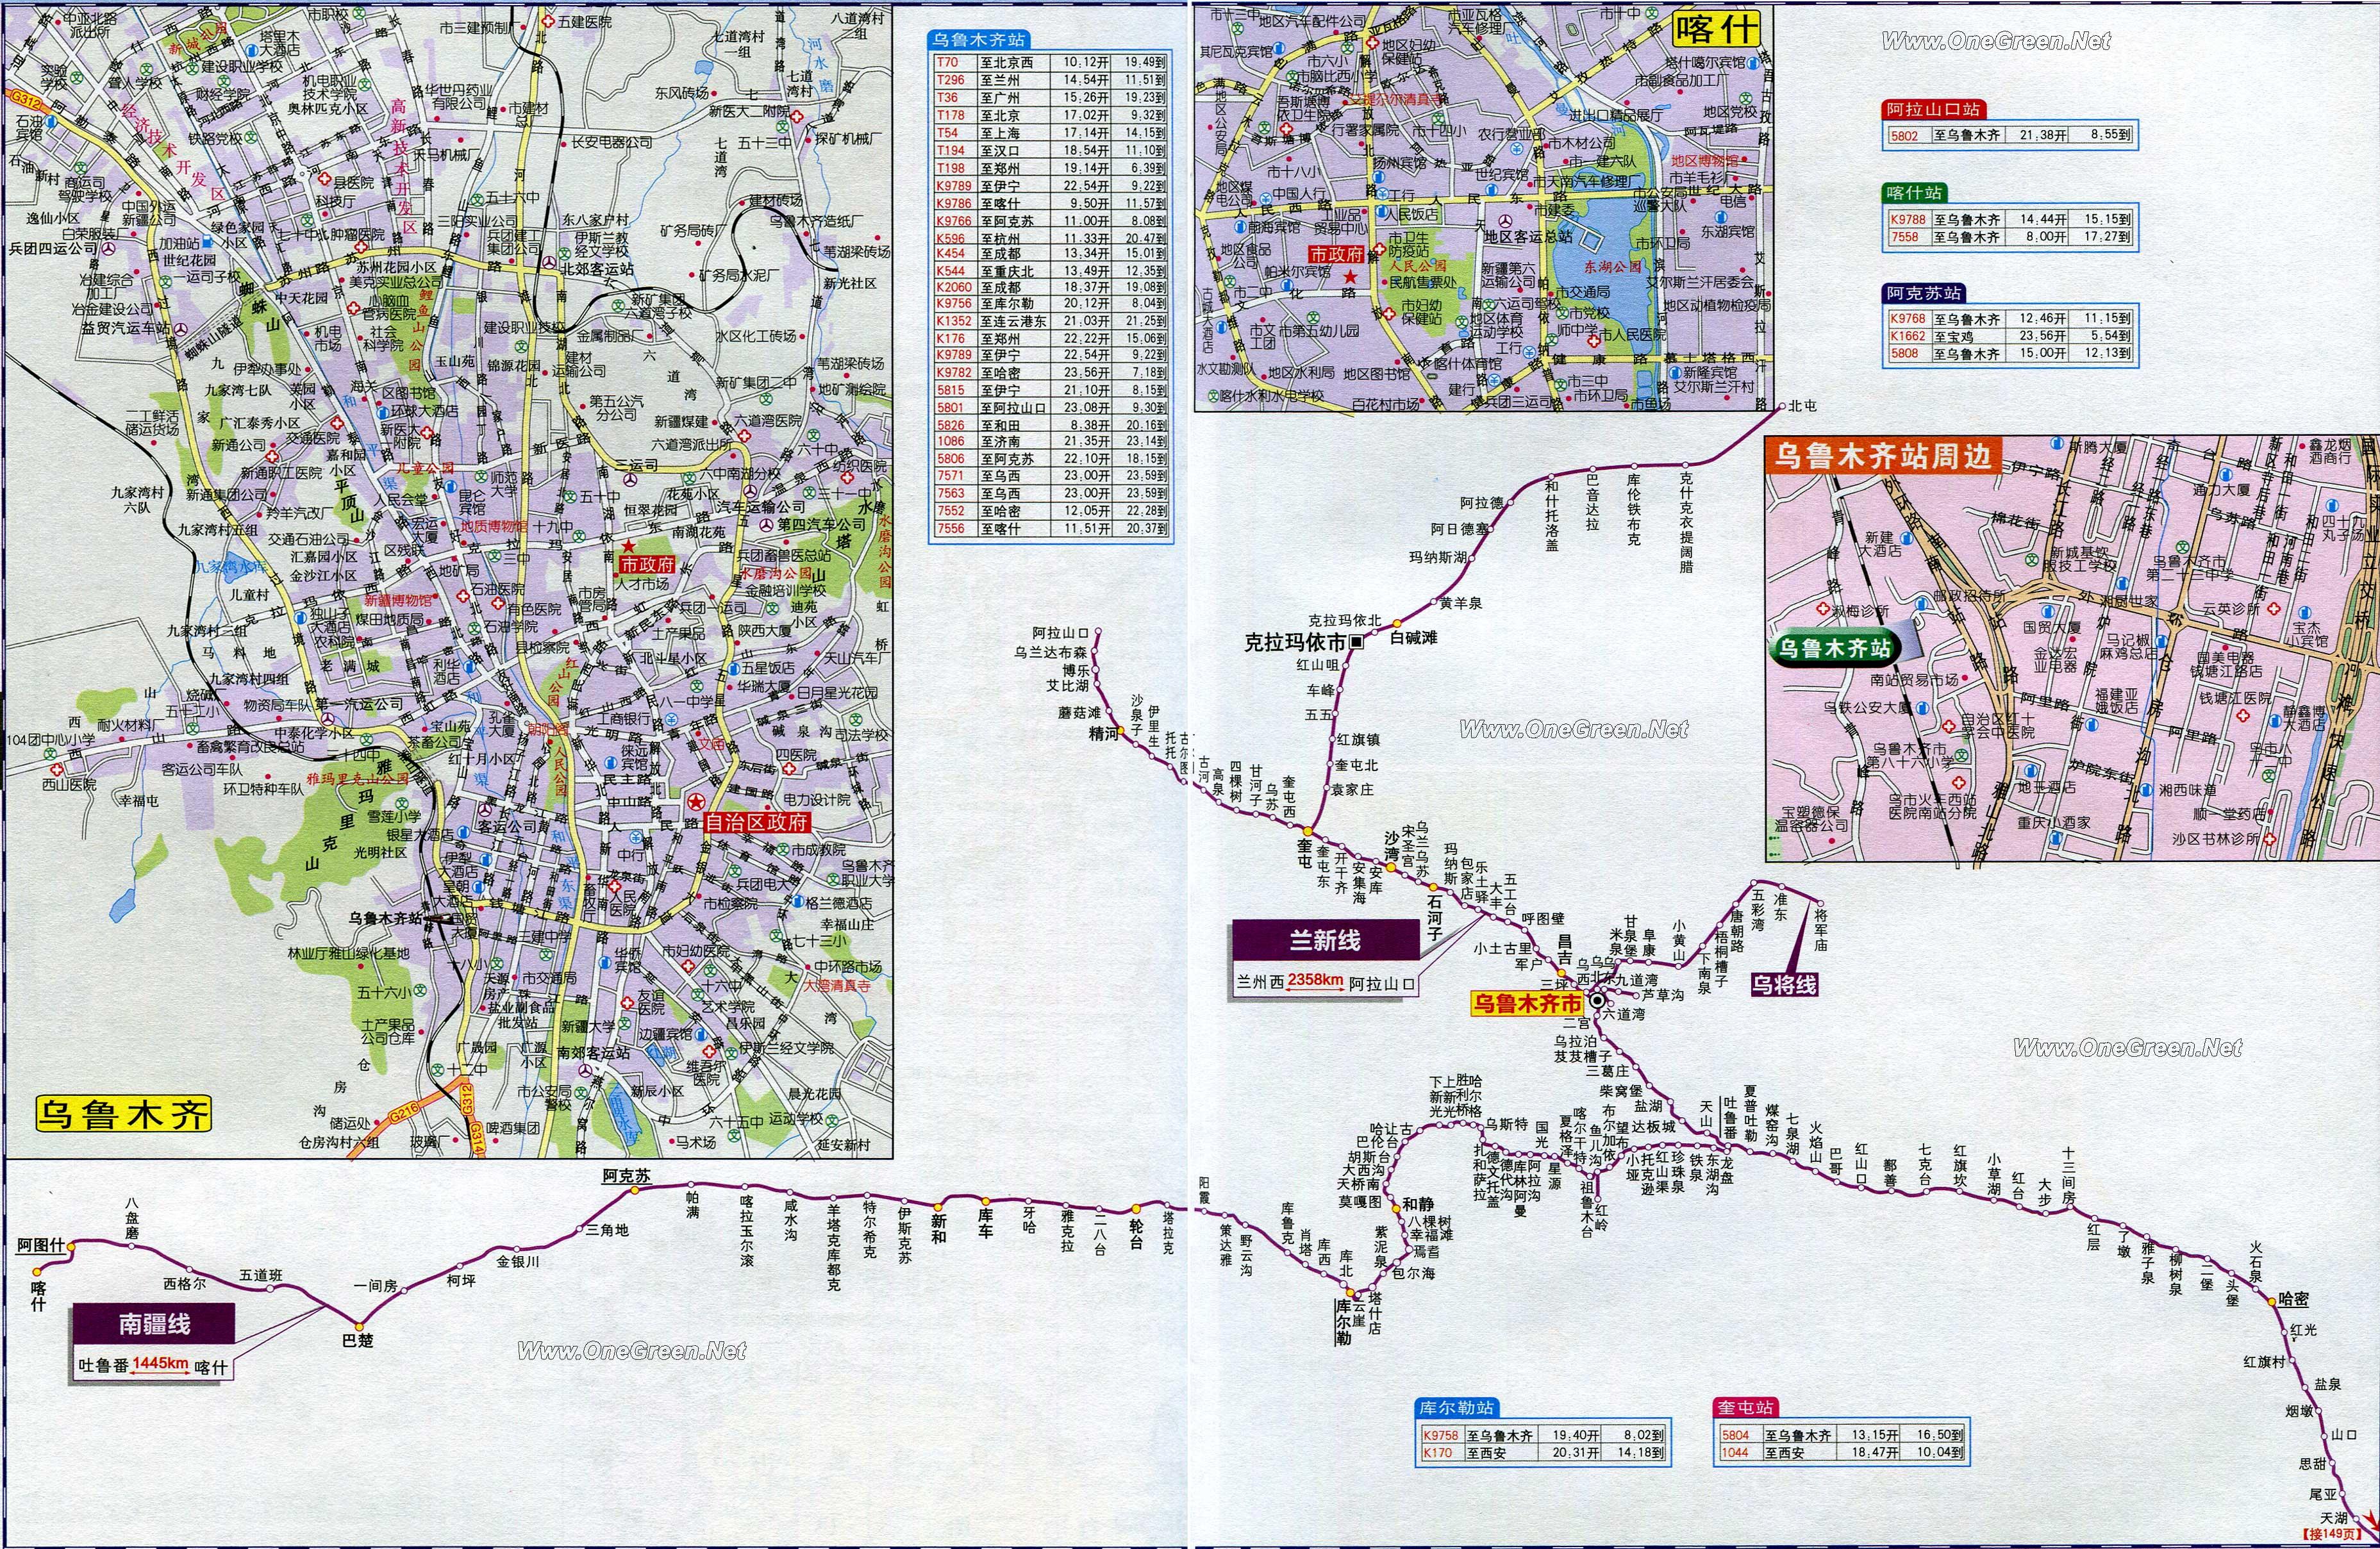 地图库 交通地图 铁路线路图 >> 新疆铁路交通地图  栏目导航:2017年